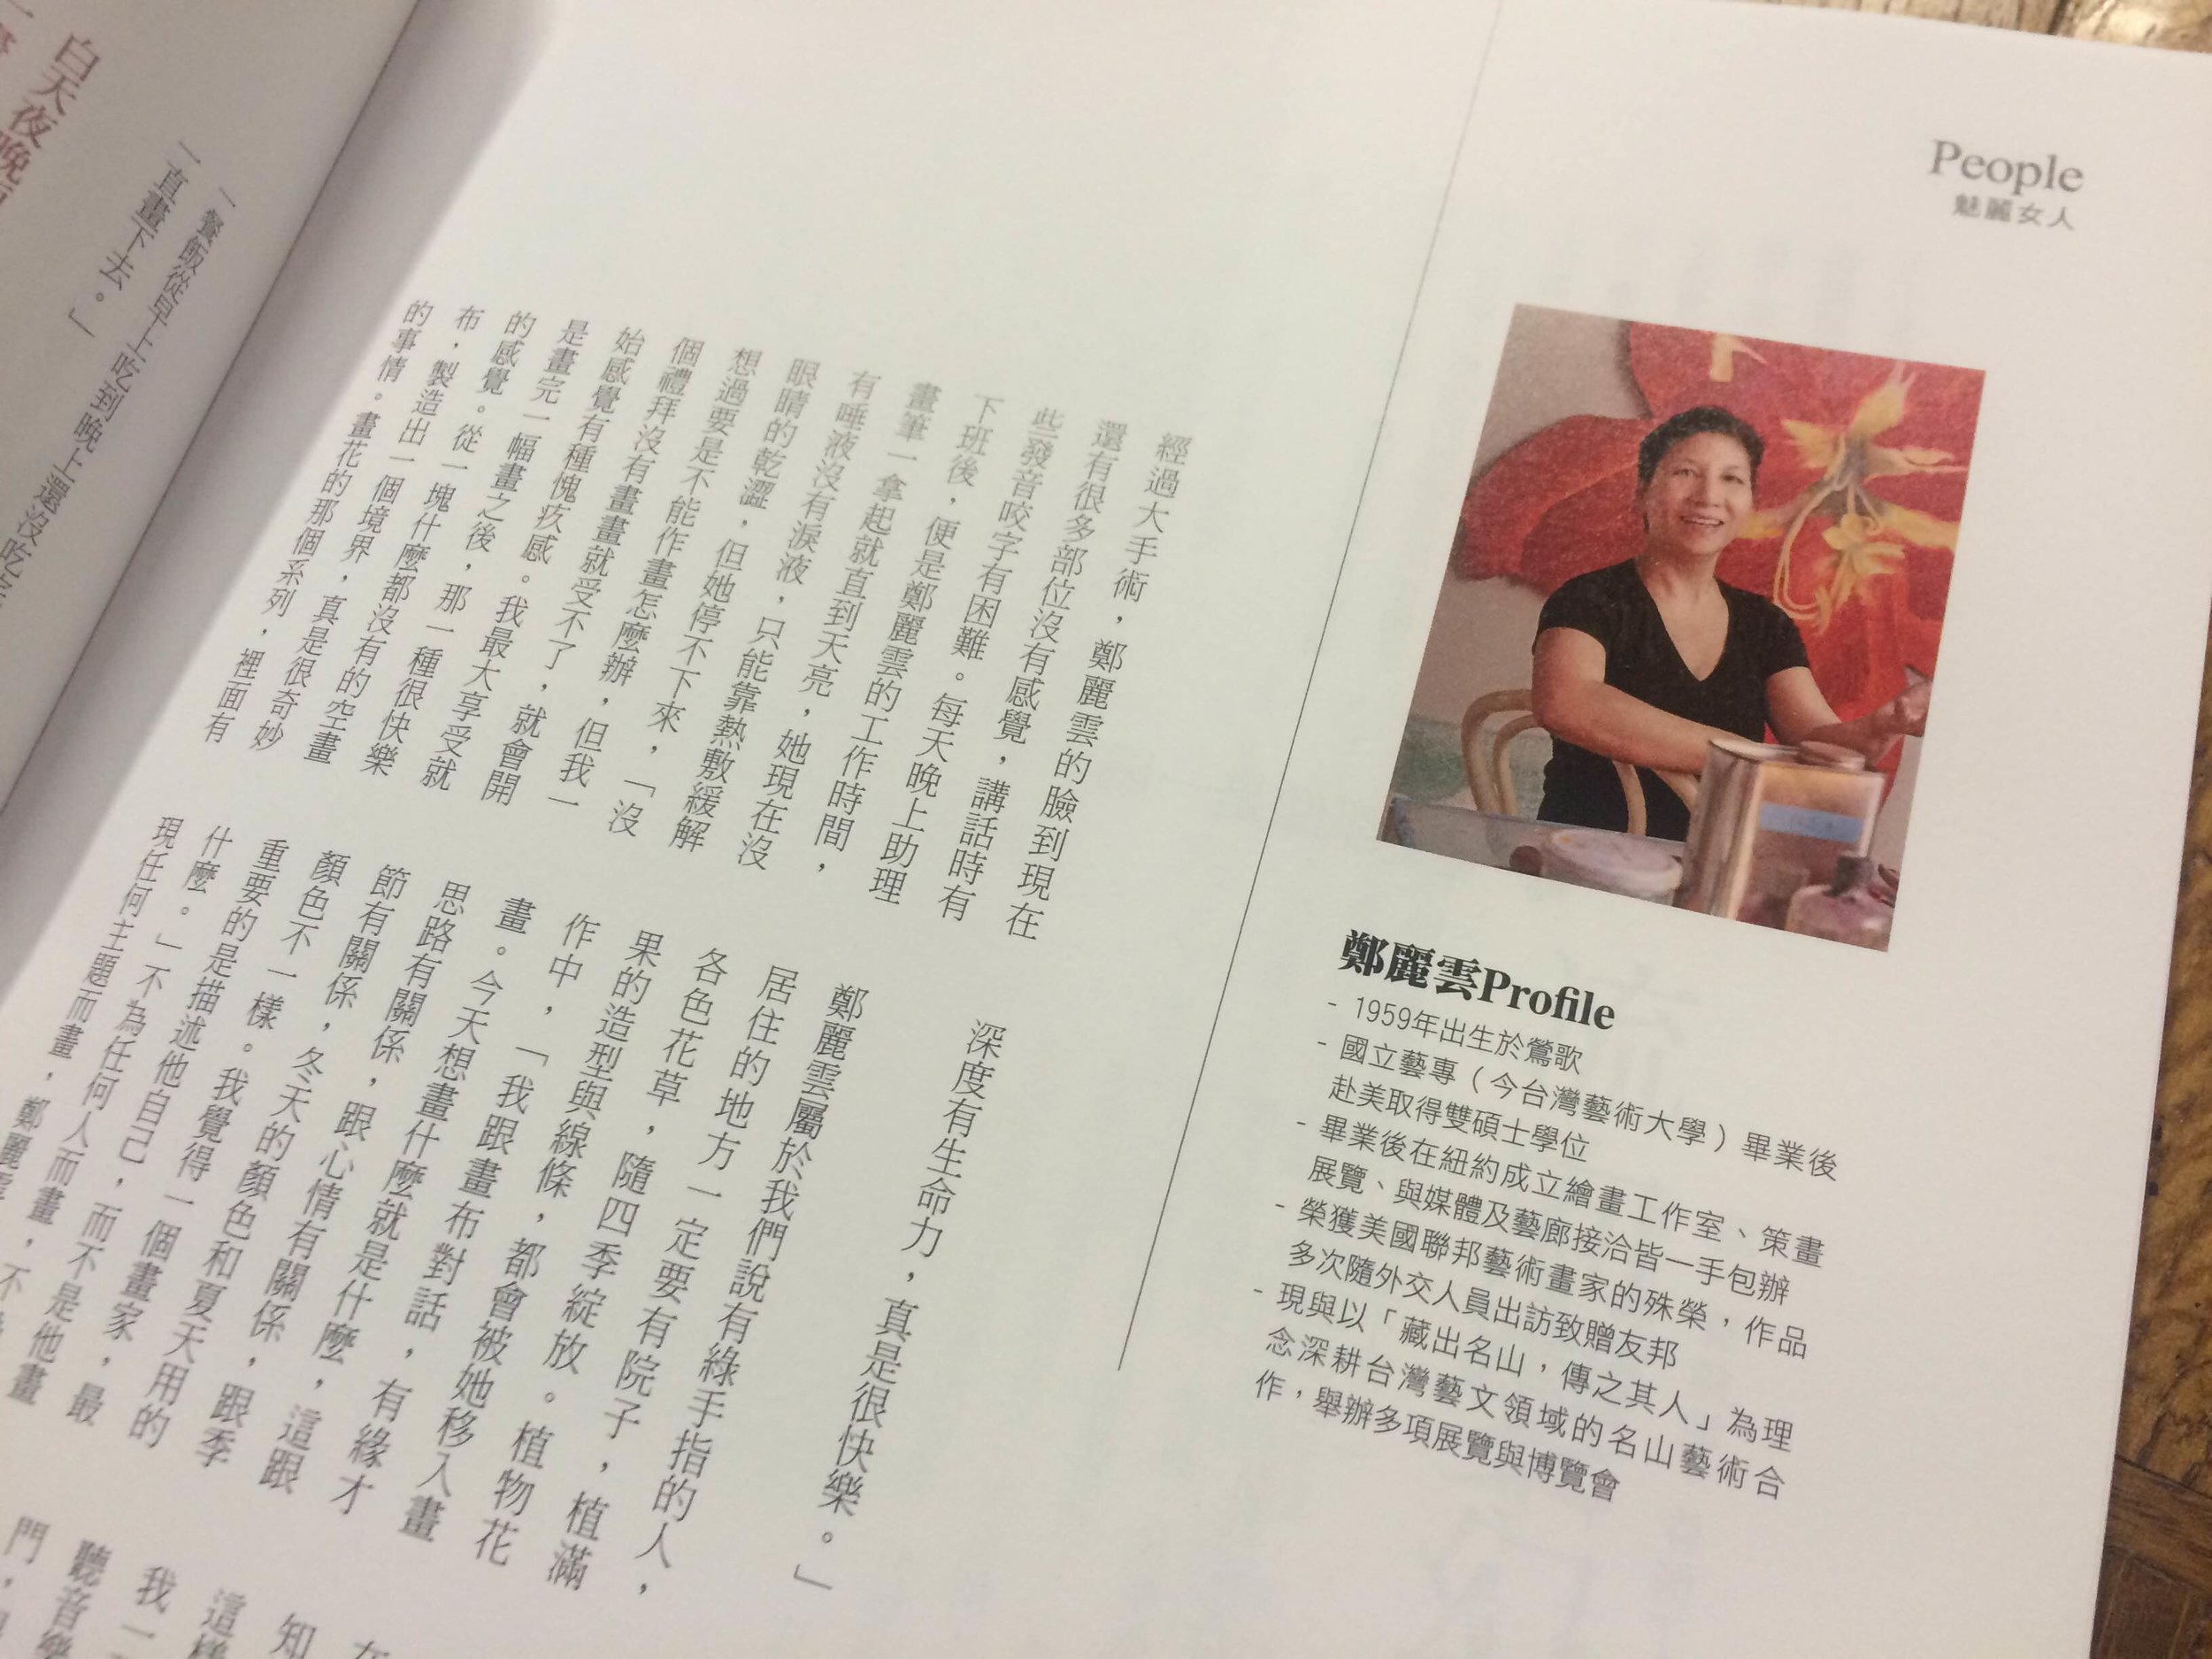 魅麗雜誌 八月號 鄭麗雲專訪